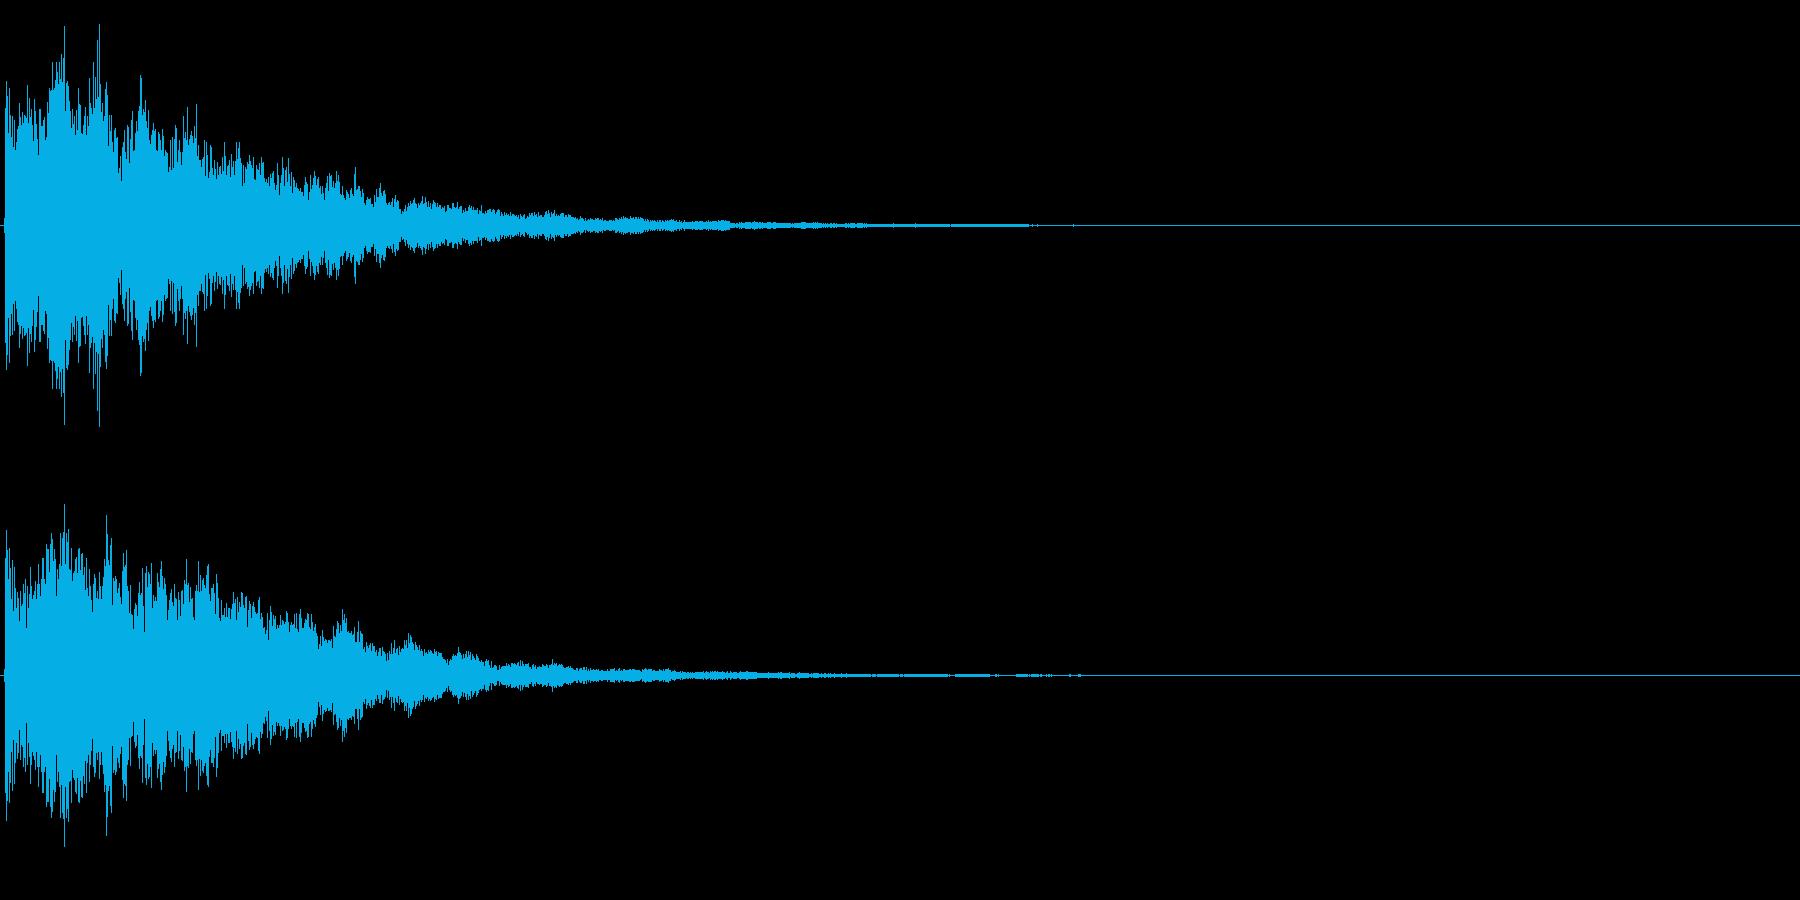 ゲームスタート、決定、ボタン音-044の再生済みの波形